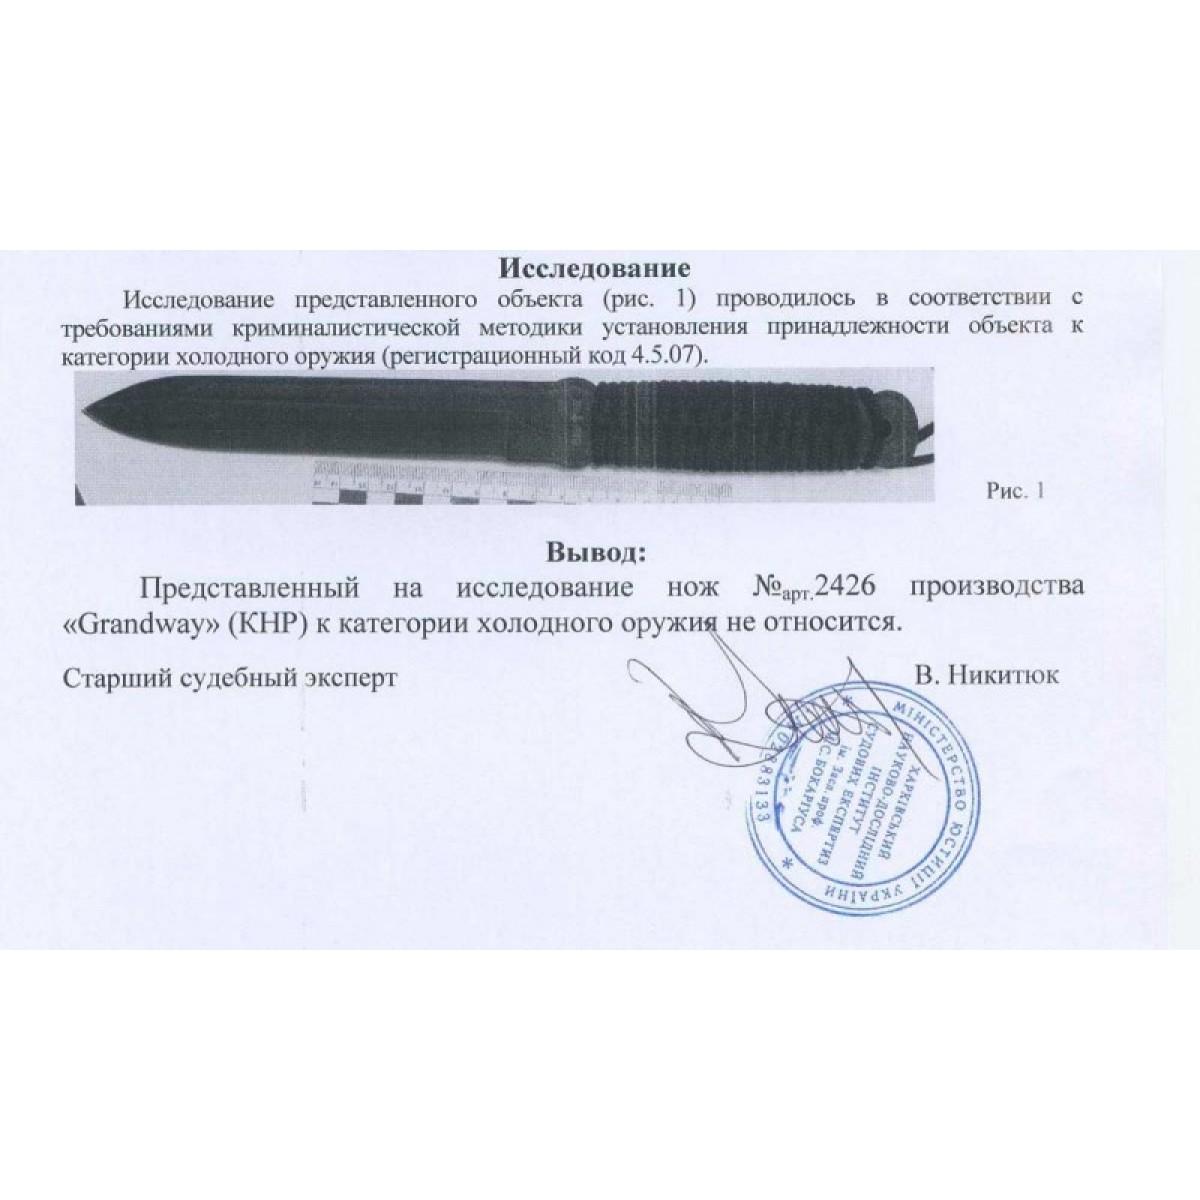 Нож 2426 RY